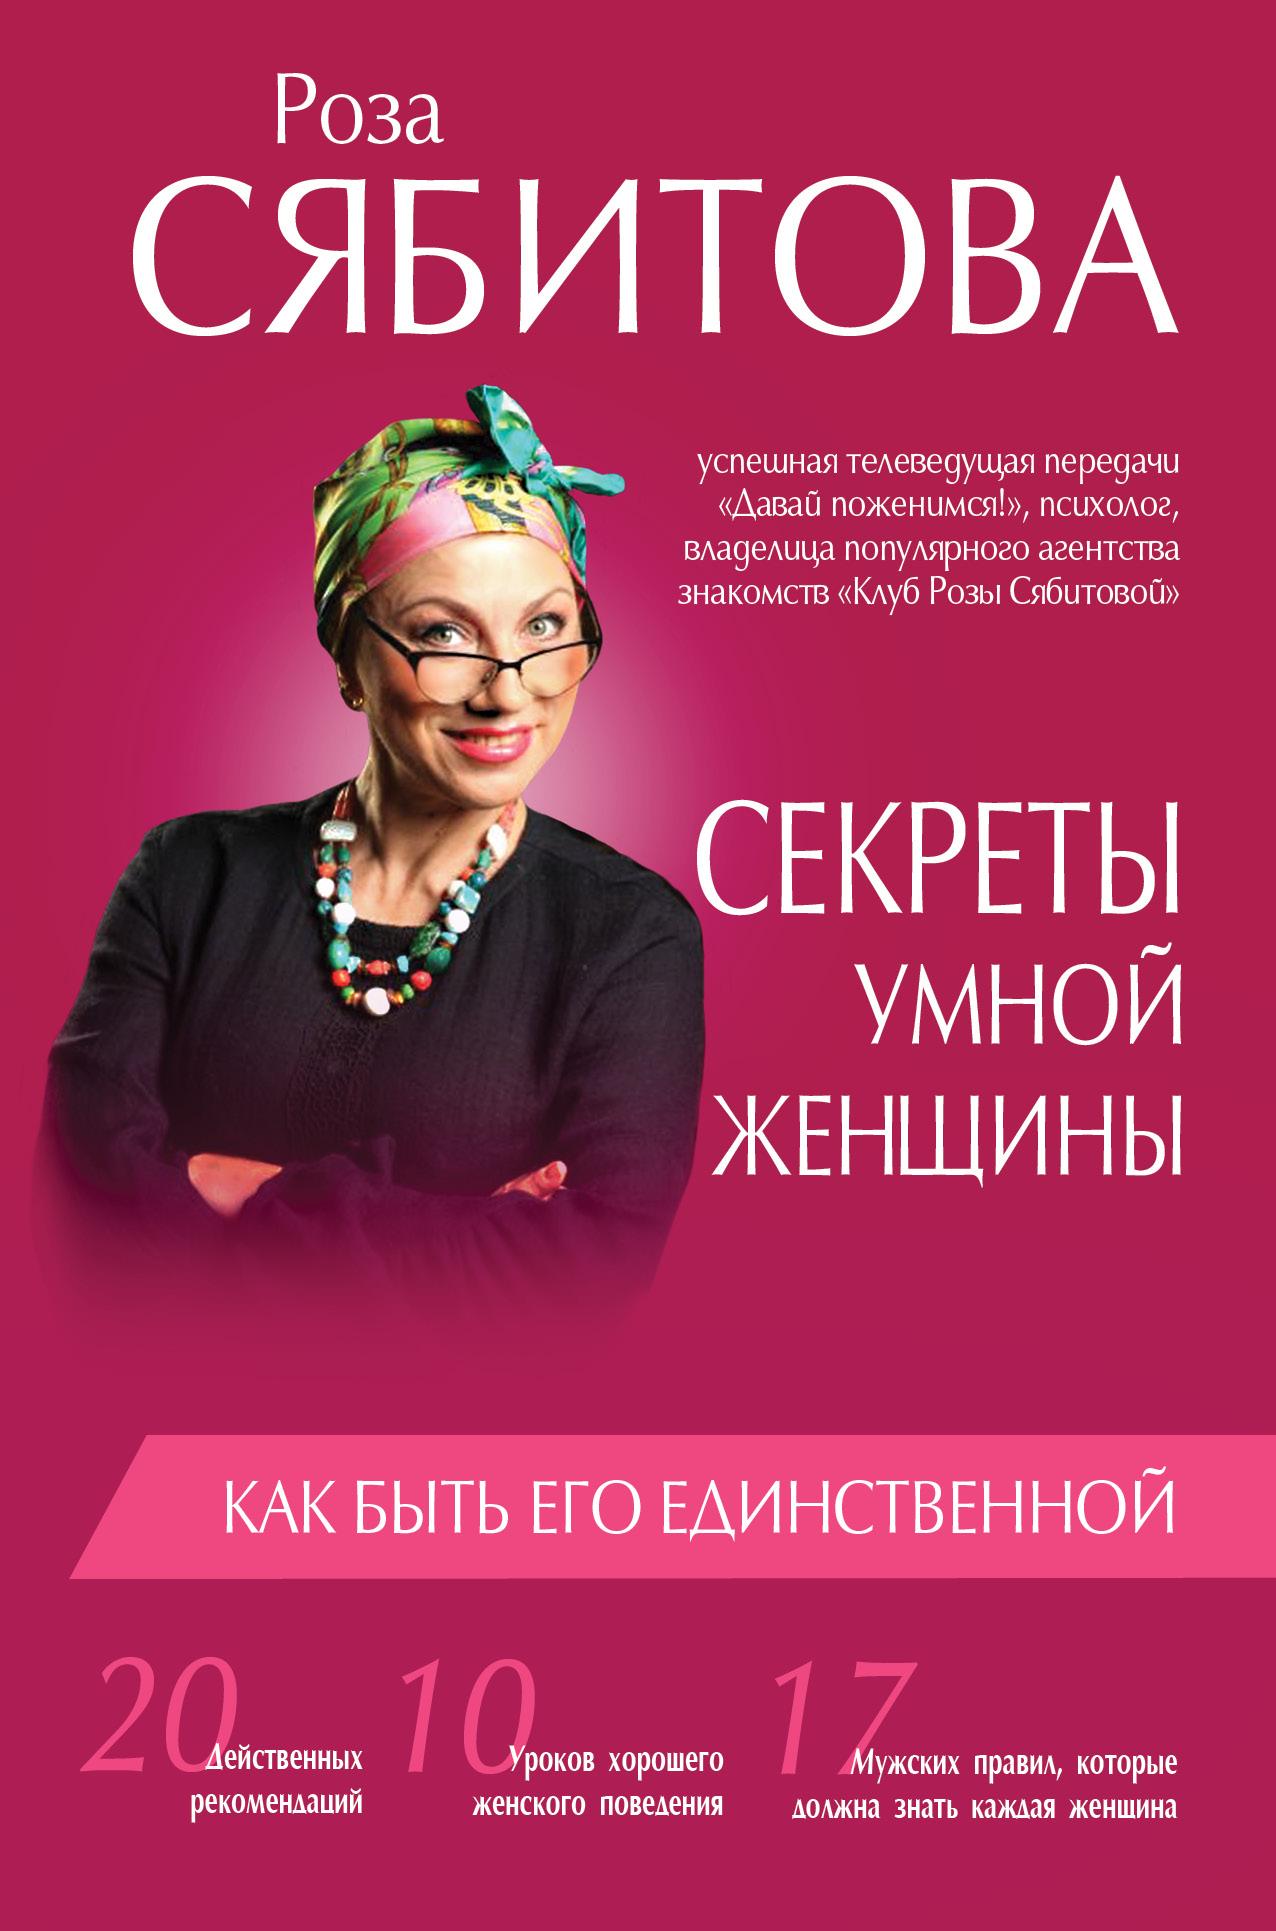 Сябитова Р.Р. Секреты умной женщины: как быть его единственной 10 пунктов как правильно квартиру в новостройке